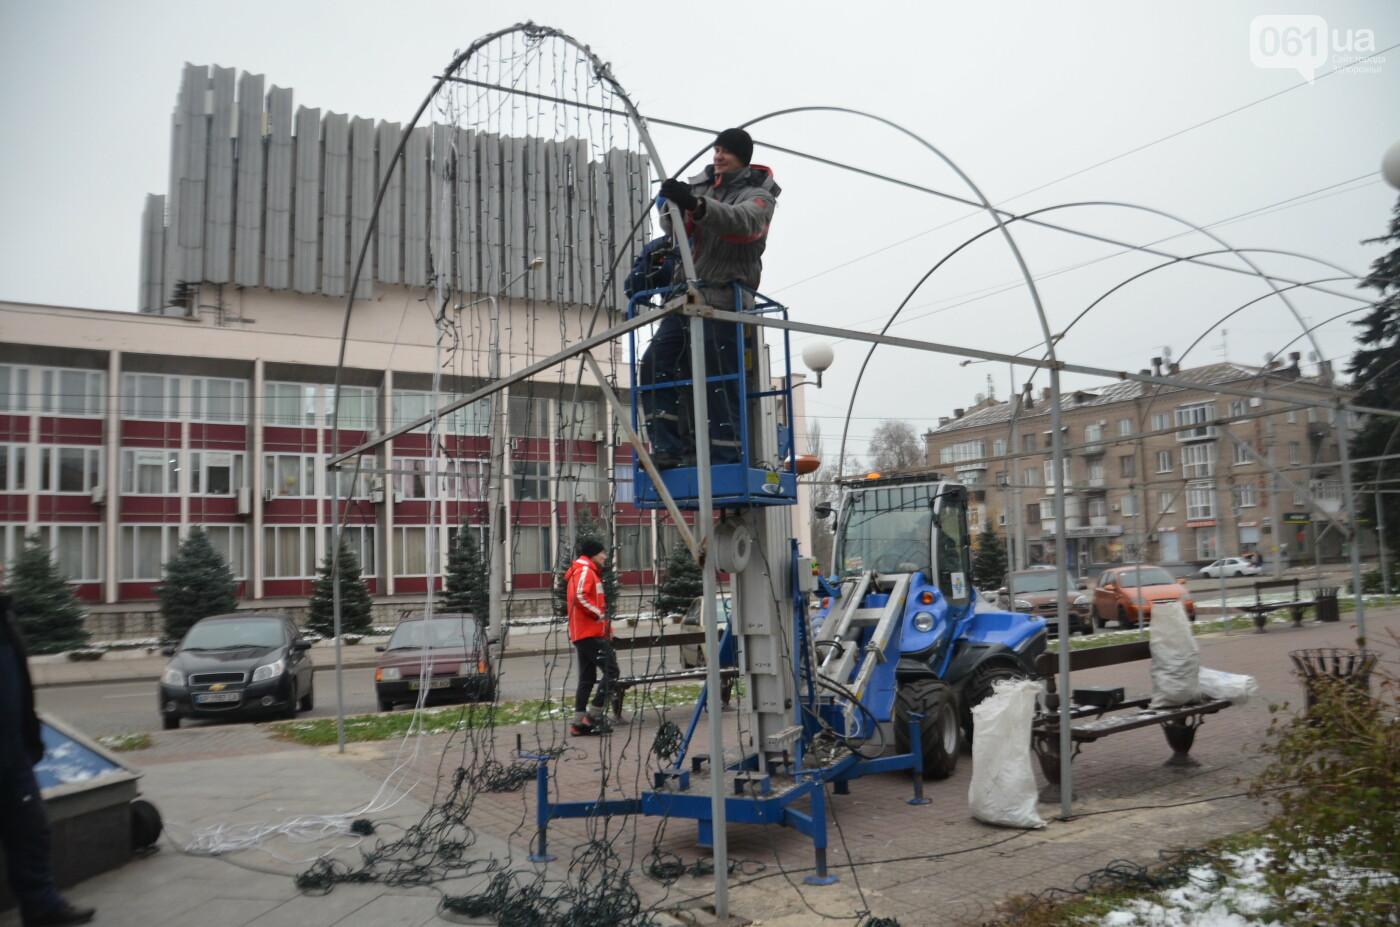 В Запорожье на бульваре Шевченко начали монтировать новогодний городок на БШ за 1,8 миллиона гривен, фото-12